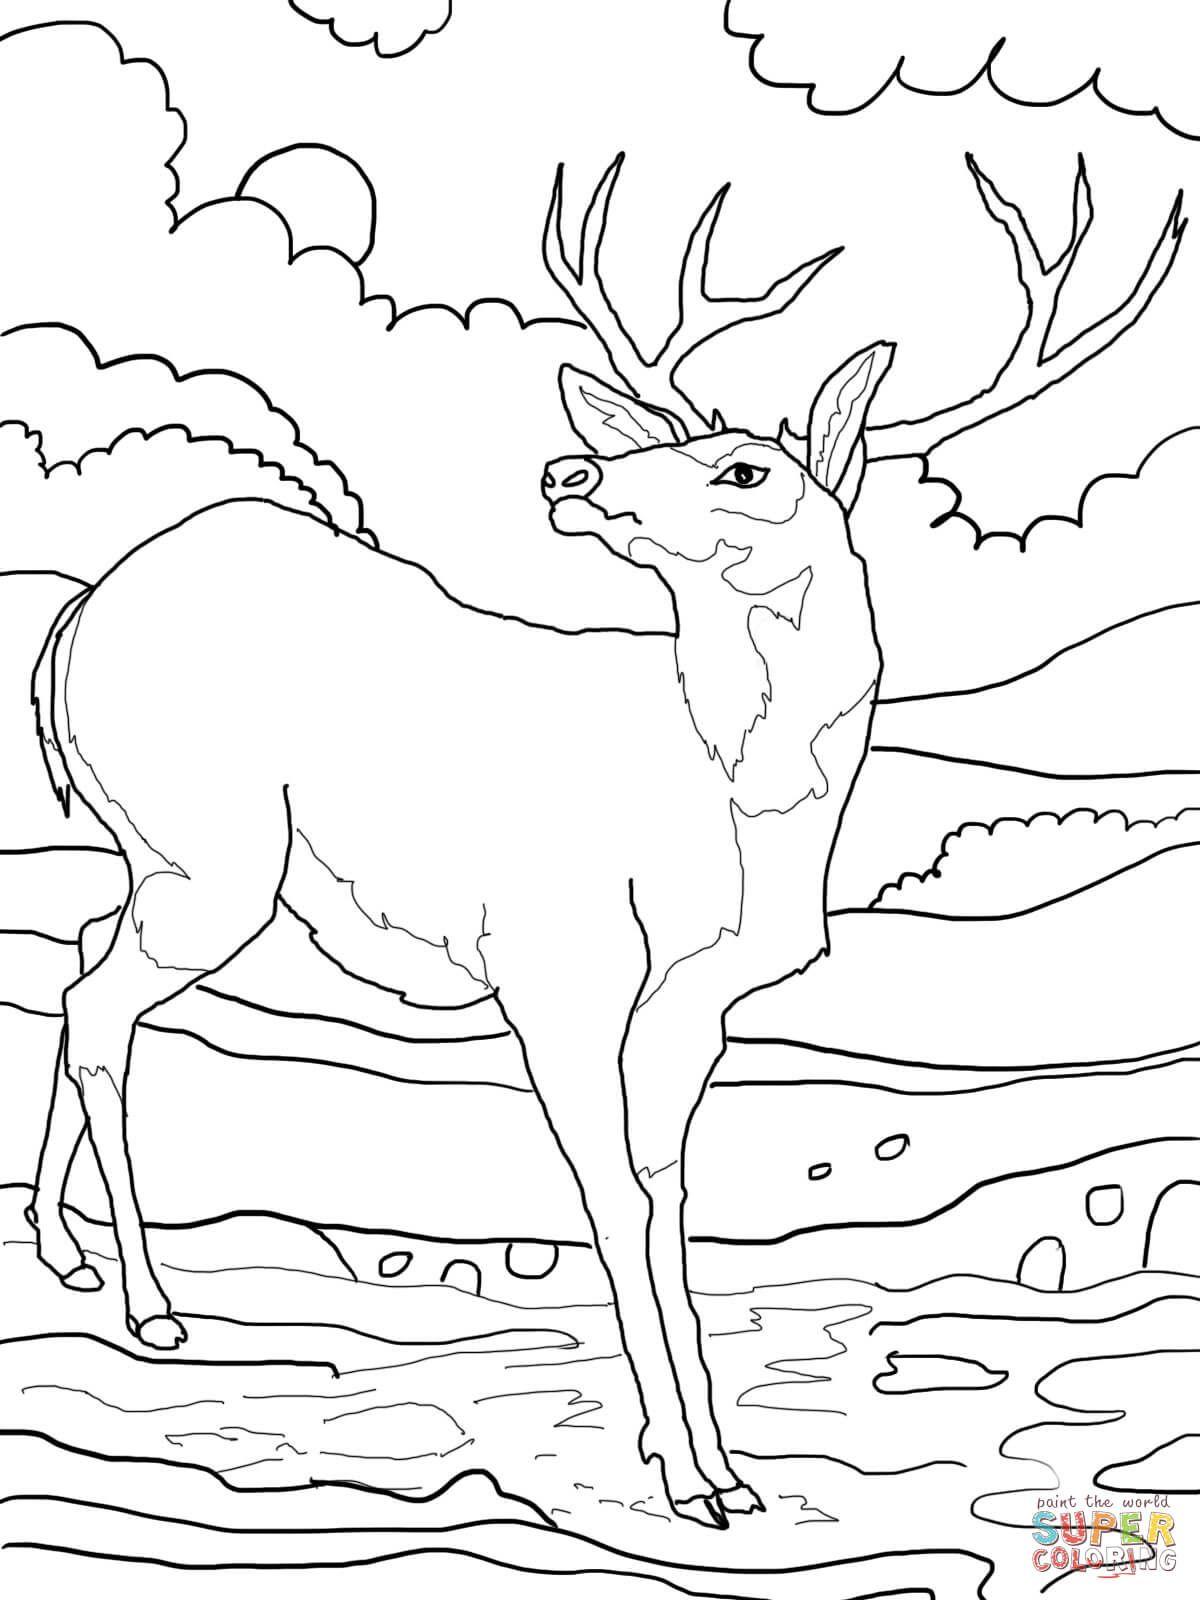 Black Tailed Mule Deer Deer Coloring Pages Family Coloring Pages Horse Coloring Pages